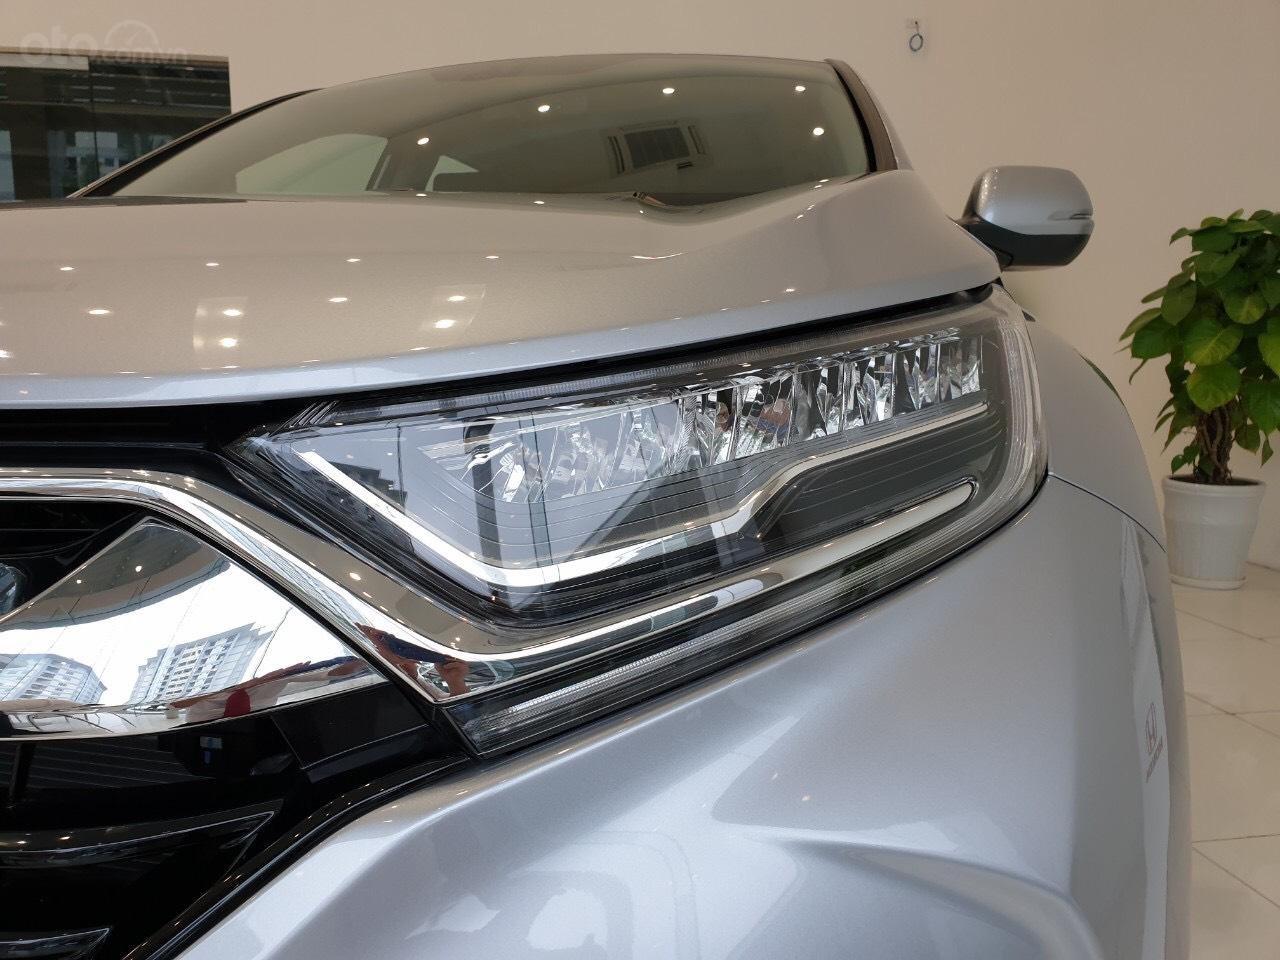 Honda CR-V 2019 nhập khẩu, tháng không lợi nhuận giảm sốc 50tr, liên hệ ngay 0913966066 để đàm phán lại giá (2)